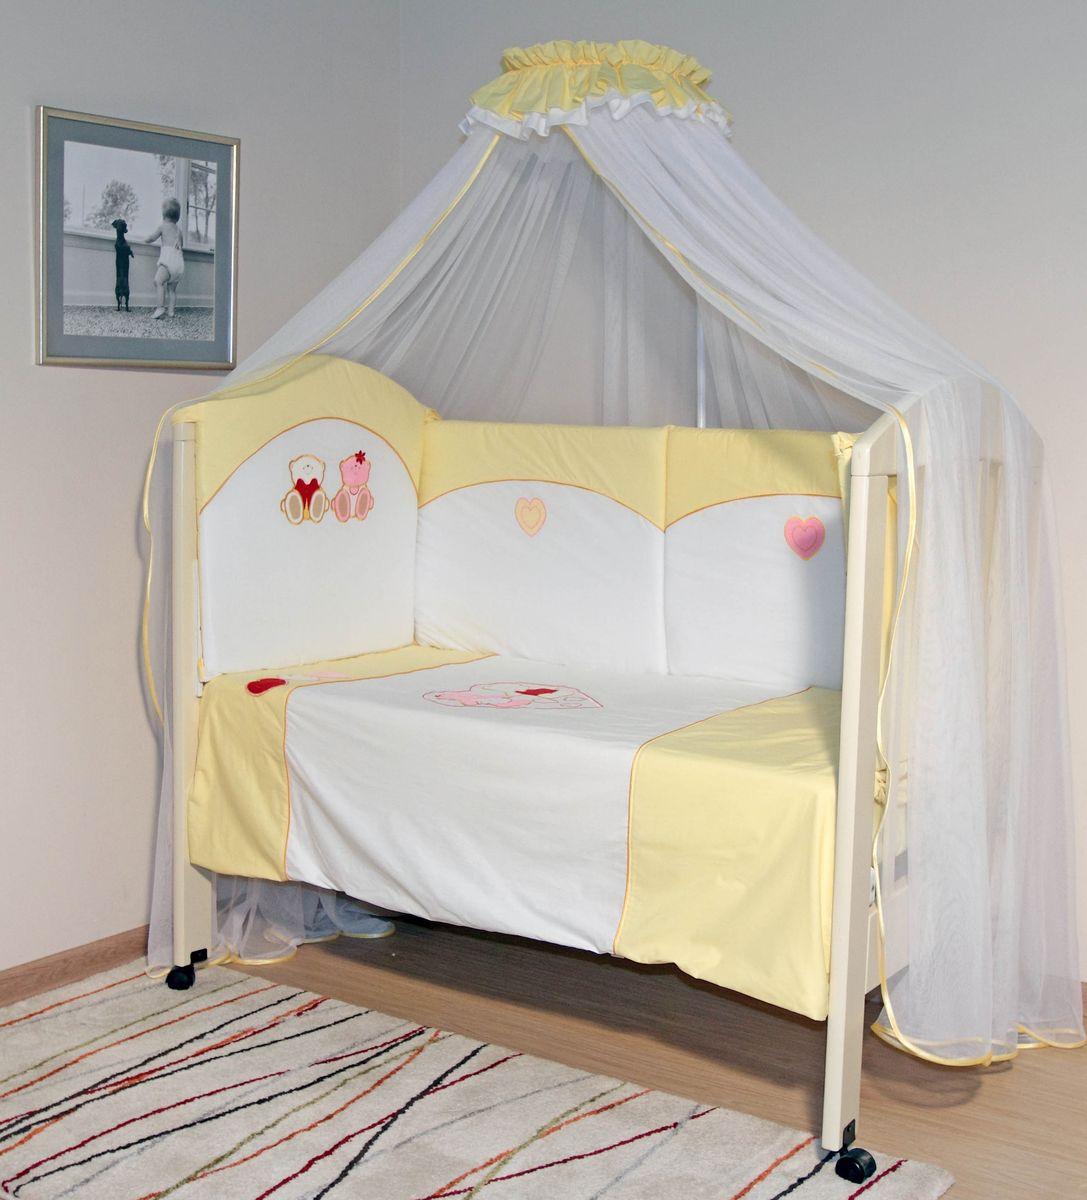 Топотушки Комплект детского постельного белья Николь цвет желтый 6 предметов531-105Комплект постельного белья из 6 предметов включает все необходимые элементы для детской кроватки.Комплект создает для Вашего ребенка уют, комфорт и безопасную среду с рождения; современный дизайн и цветовые сочетания помогают ребенку адаптироваться в новом для него мире. Комплекты «Топотушки» хорошо вписываются в интерьер как детской комнаты, так и спальни родителей.Как и все изделия «Топотушки» данный комплект отражает самые последние технологии, является безопасным для малыша и экологичным. Российское происхождение комплекта гарантирует стабильно высокое качество, соответствие актуальным пожеланиям потребителей, конкурентоспособную цену.Охранный бампер 360х50см. (из 4-х частей на молнии, наполнитель – холлофайбер); подушка 40х60см (наполнитель – холлофайбер); одеяло 140х110см (наполнитель – холлофайбер); наволочка 40х60см; пододеяльник 147х112см; простынь на резинке 120х60см.